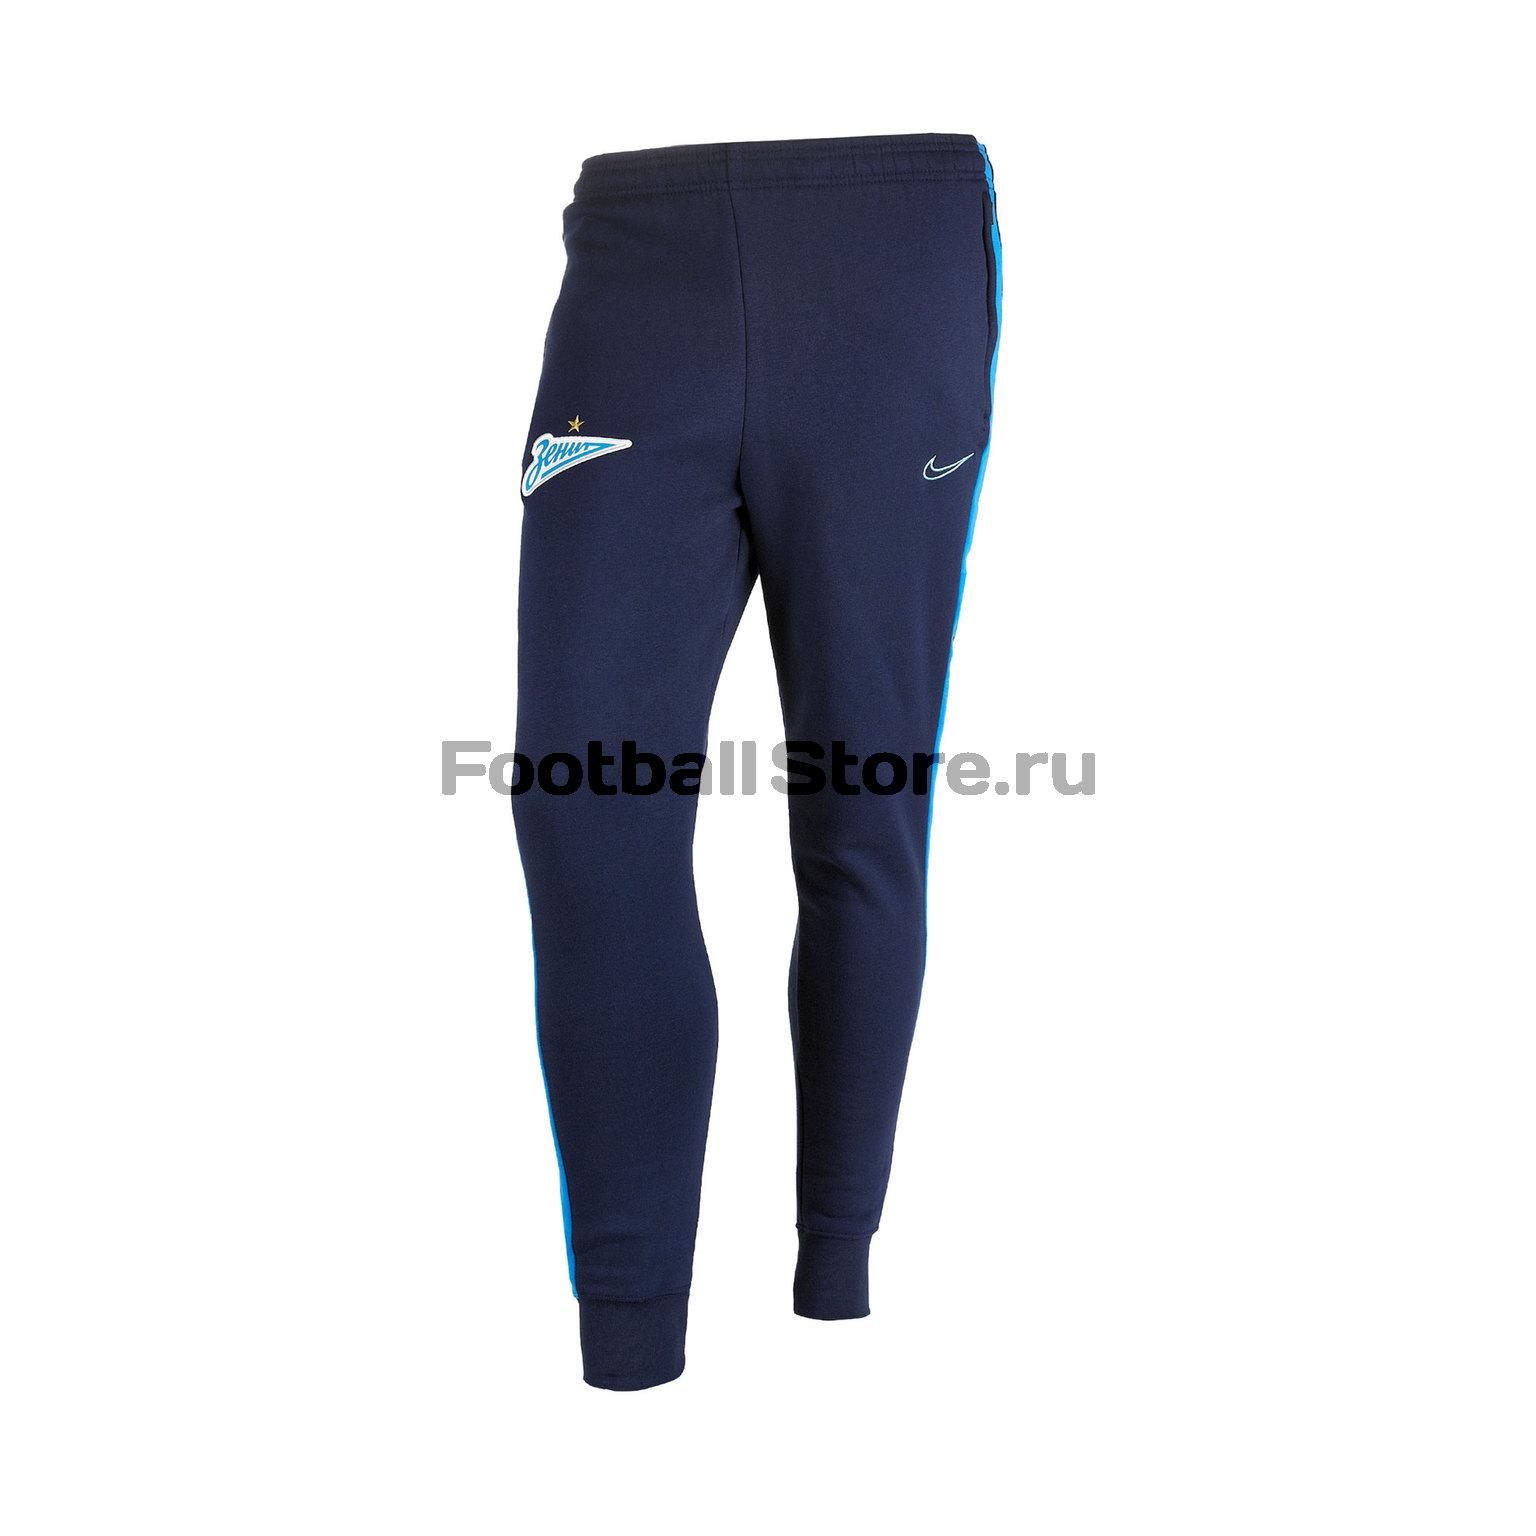 Брюки тренировочные Nike Zenit AV9922-498 цена